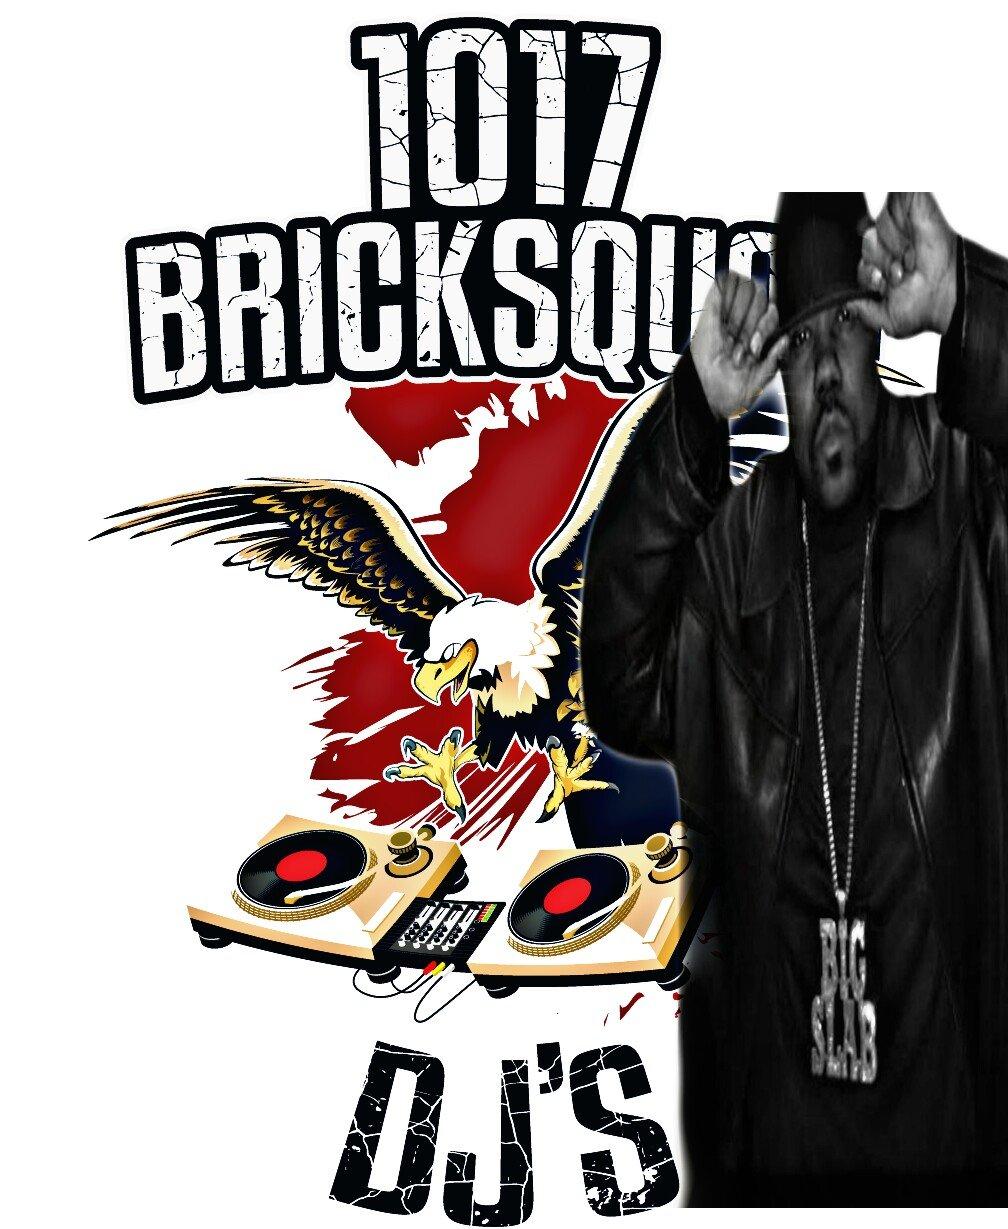 DJ BIG SLAB 1017